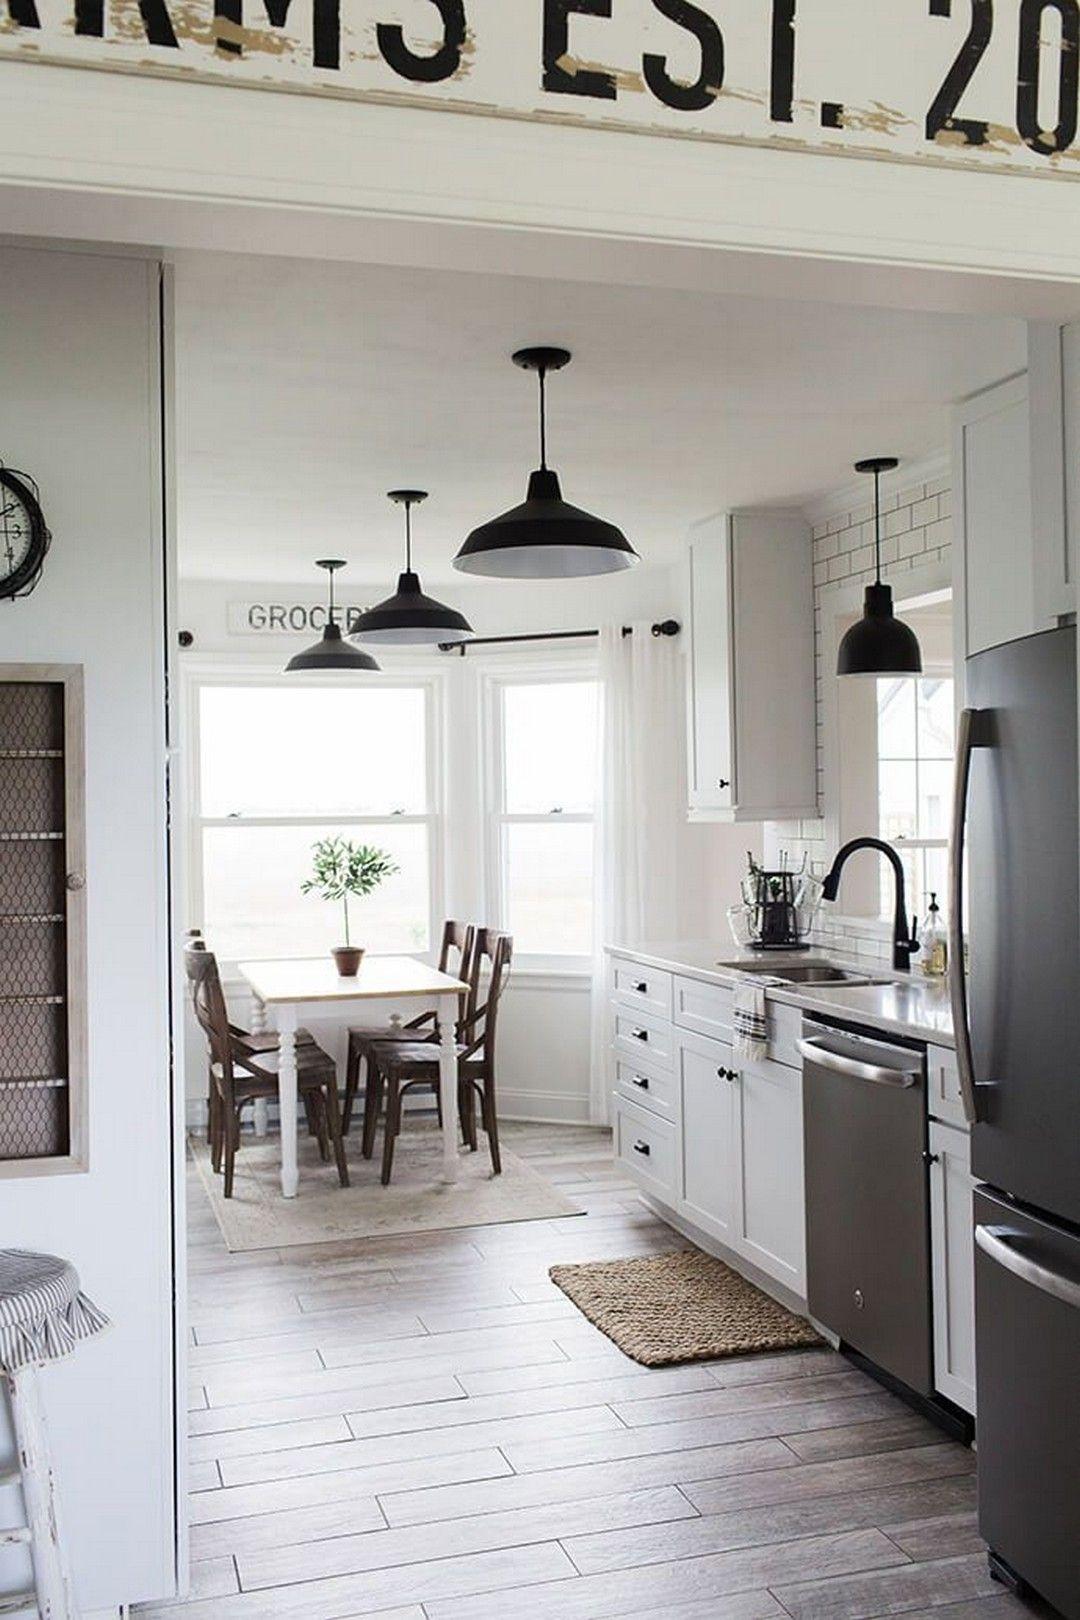 120+ Black And White Home Decor Inspiration Home decor